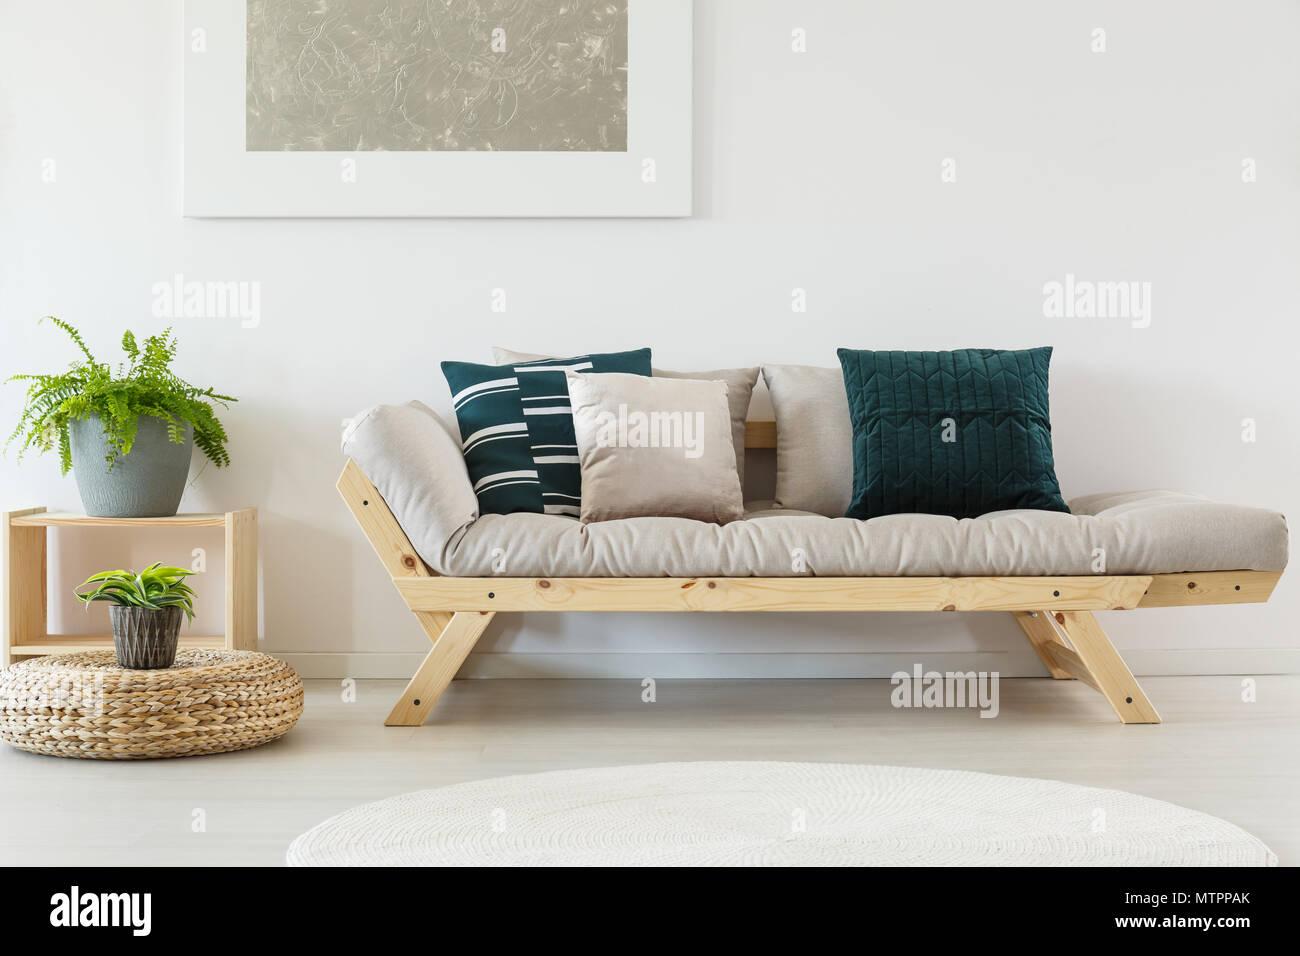 Cuscini Beige Per Divano elegante divano beige con blu navy cuscini e telaio in legno